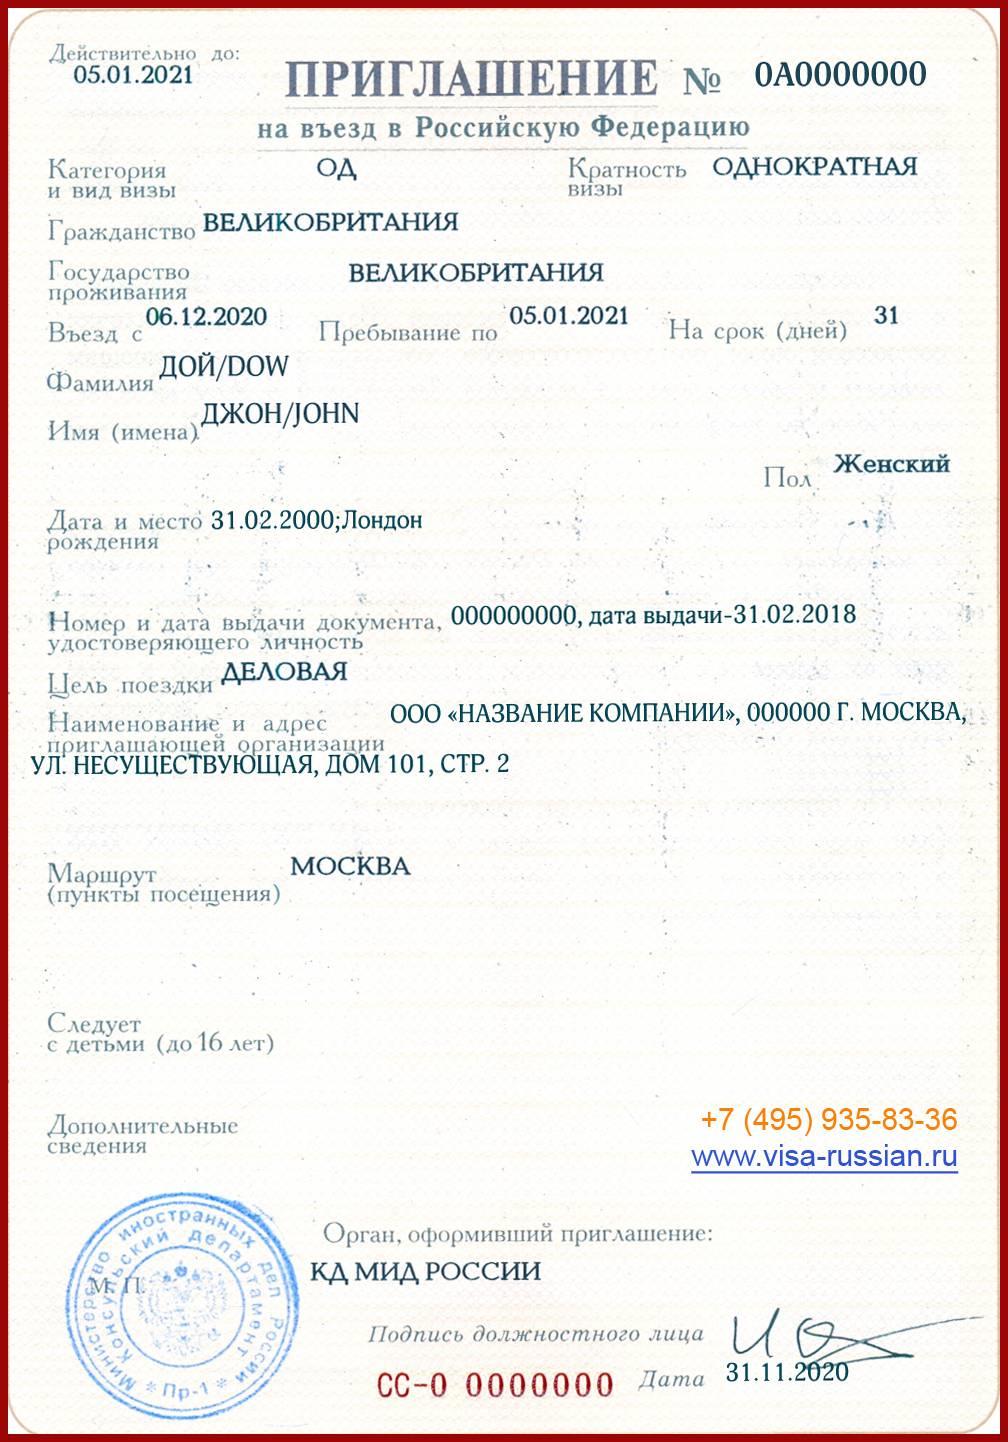 Виза в германию для россиян в 2021 году